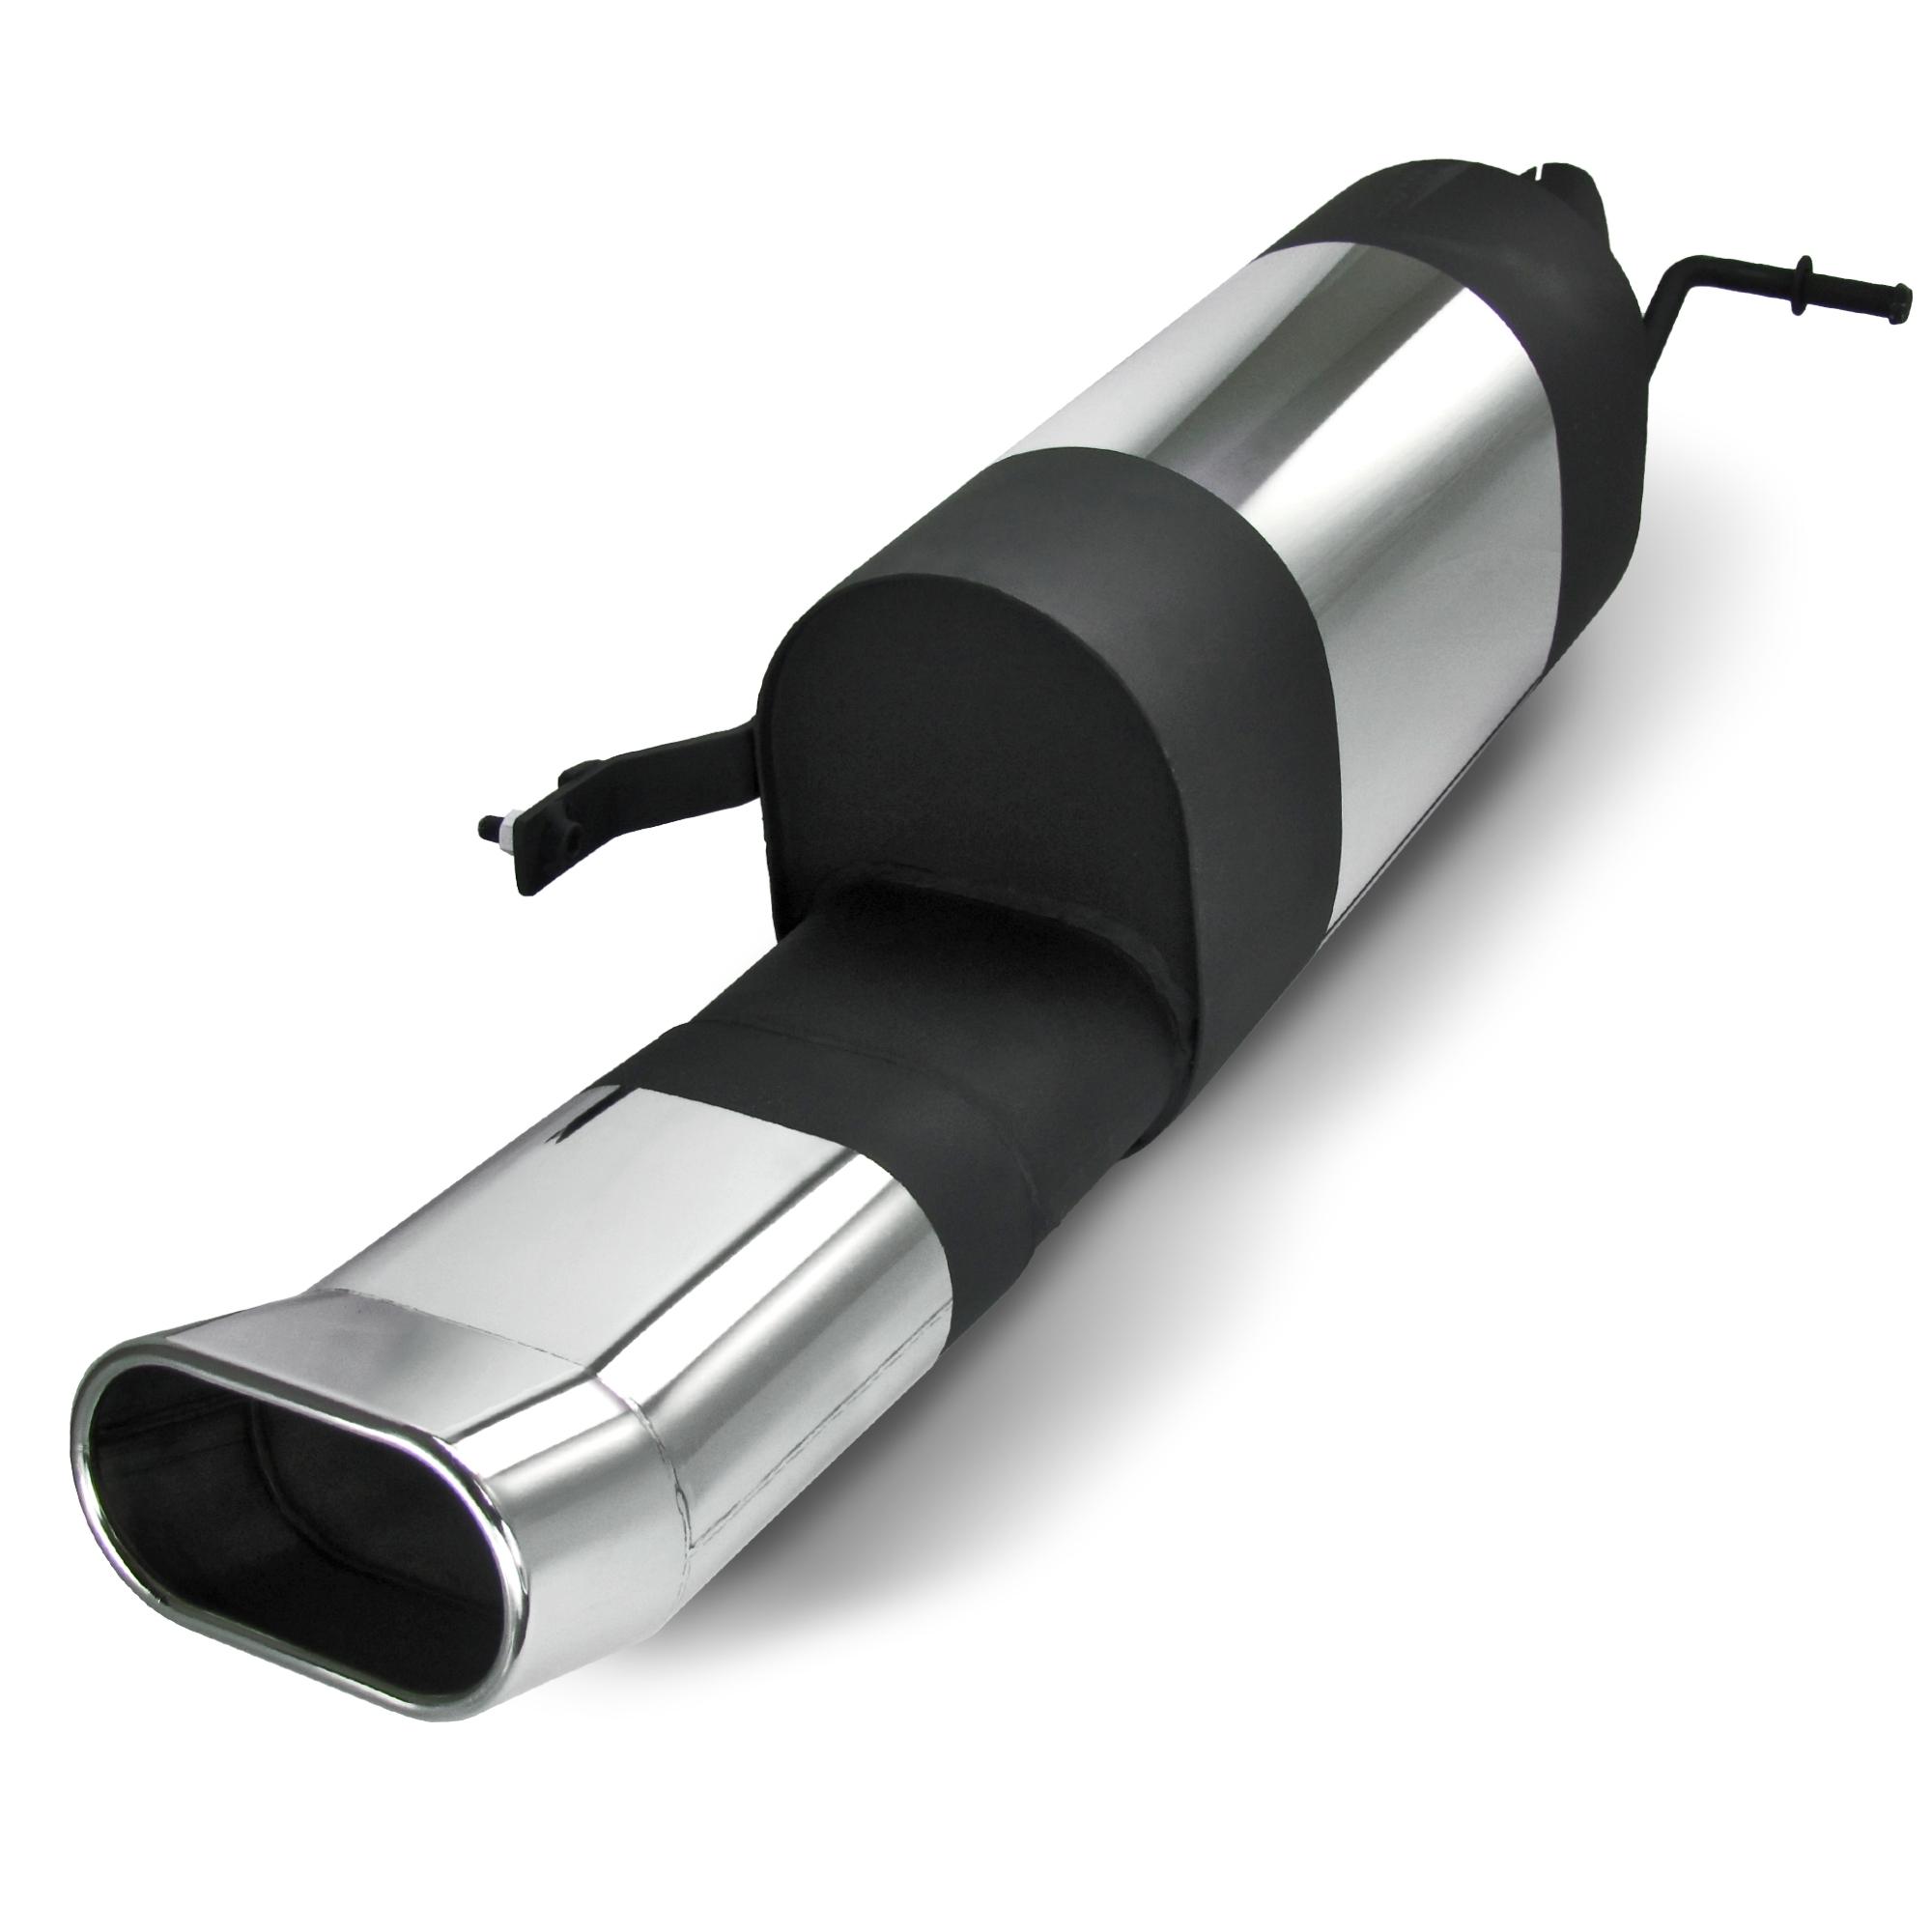 JOM Bagpotte rustfri stål med oval afgang - DTM look. Til VW Polo 9N and 9N3 Udvendig tilbehør > Udstødning